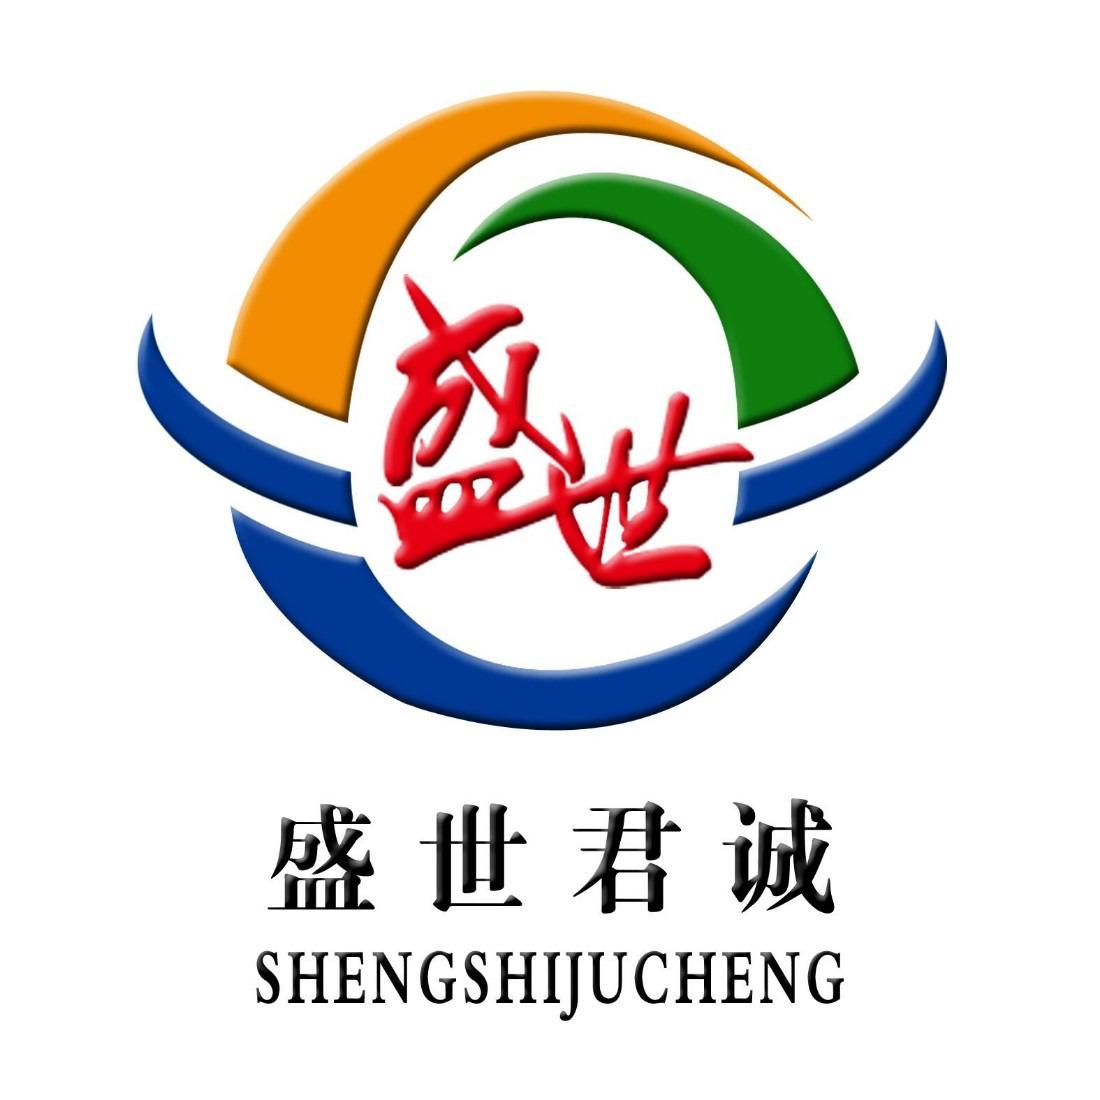 北京盛世君誠科技有限公司